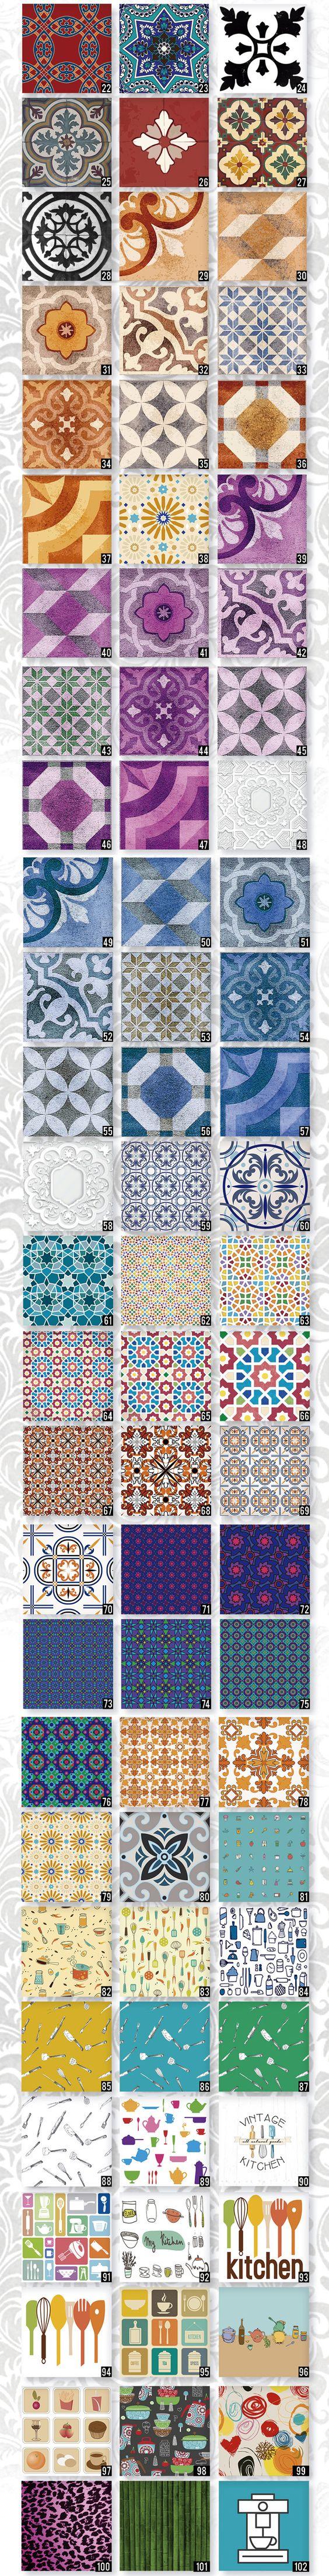 Vinilos decorativos para azulejos cocina ba o pack por - Vinilos para azulejos ...